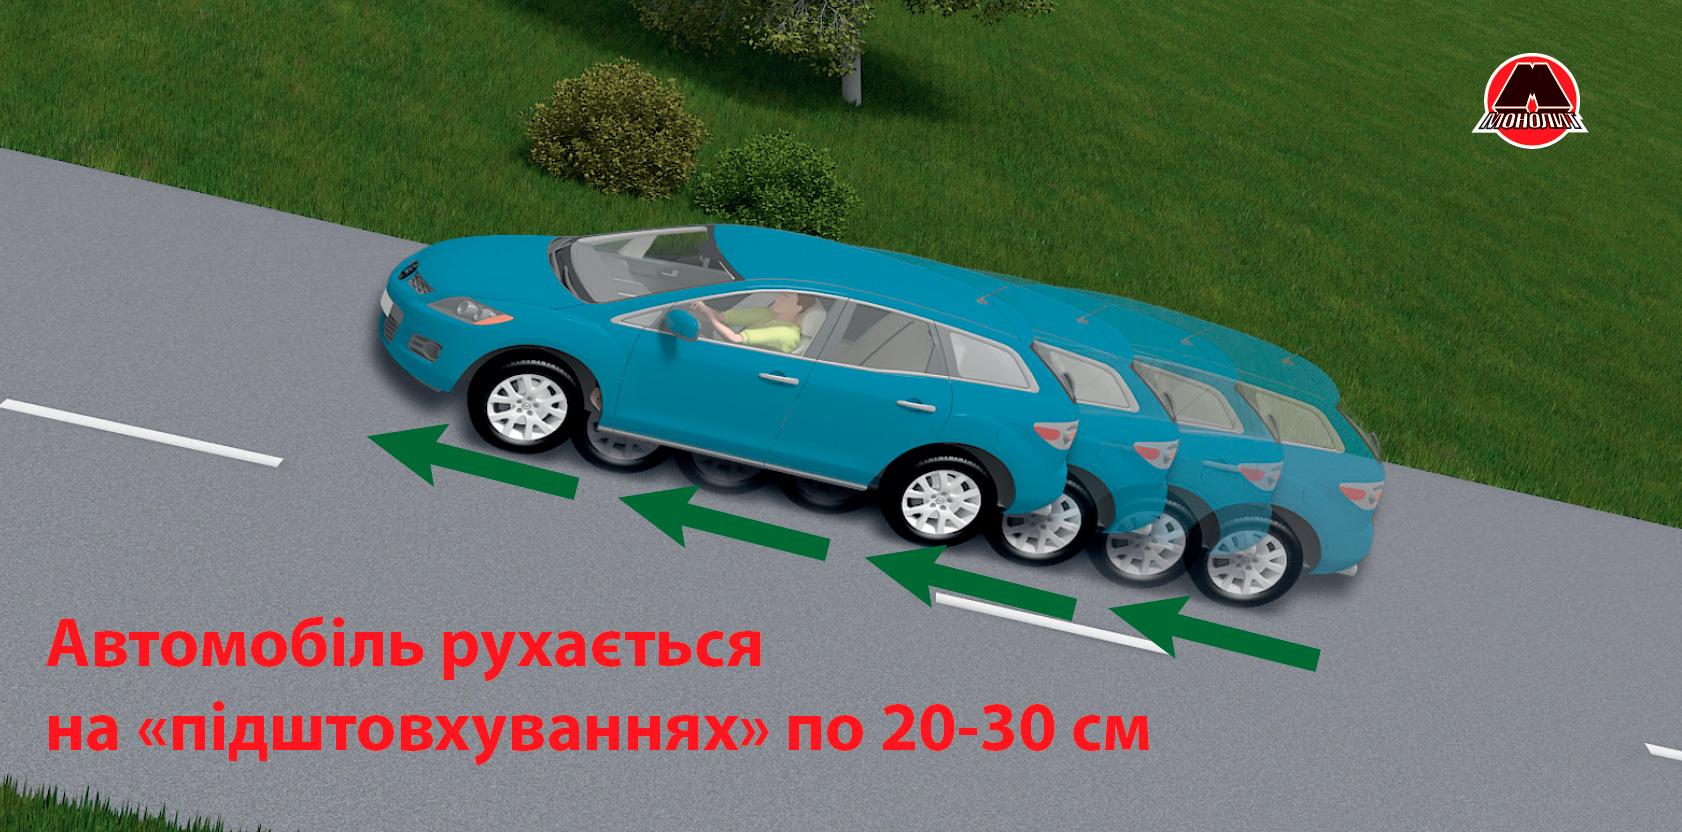 Движение автомобиля на подталкиваниях